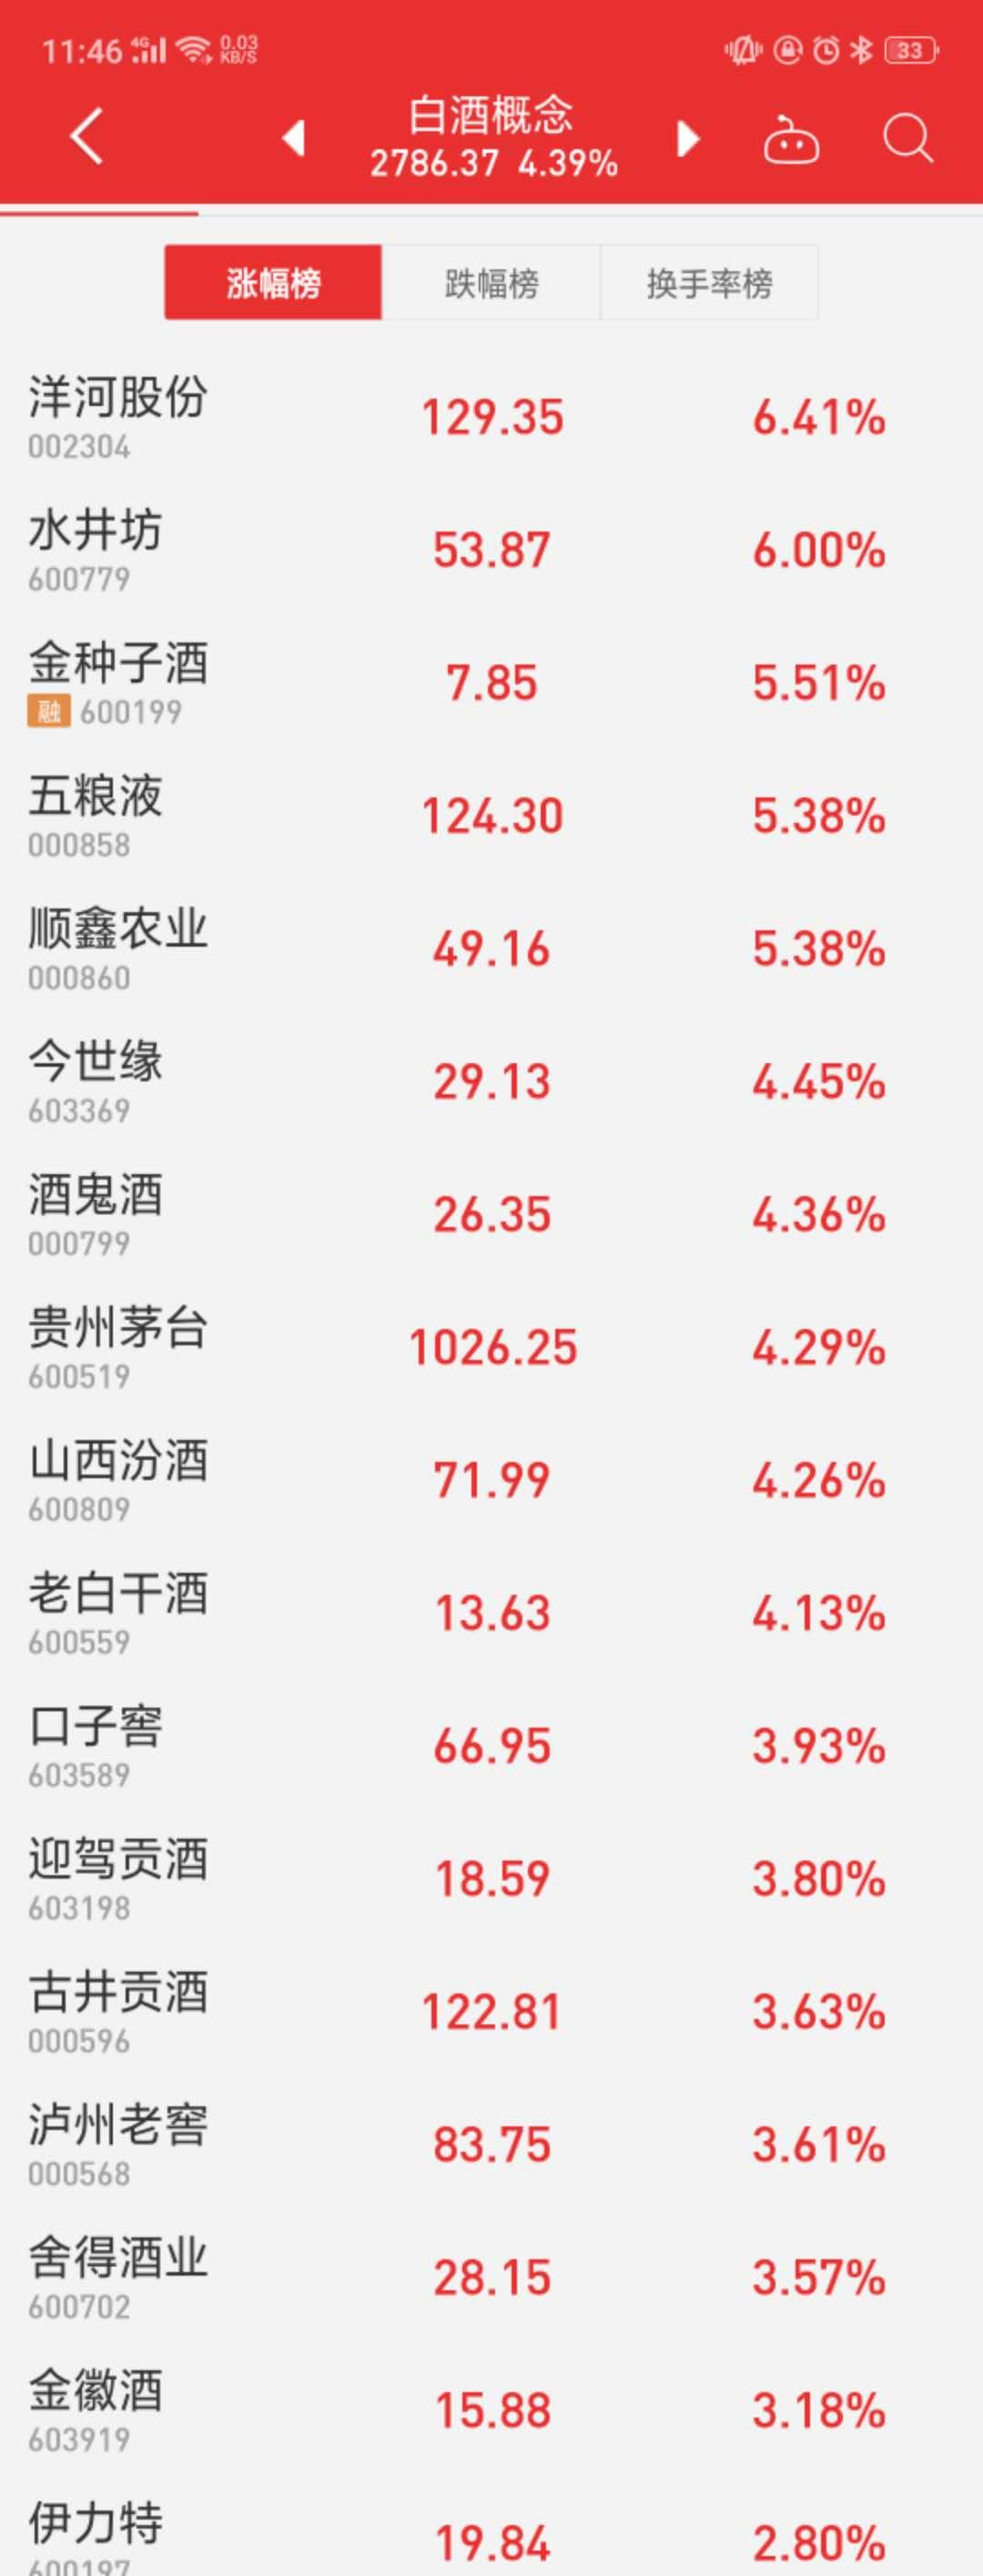 7家酒企股价创新高,贵州茅台总市值跃居A股第四